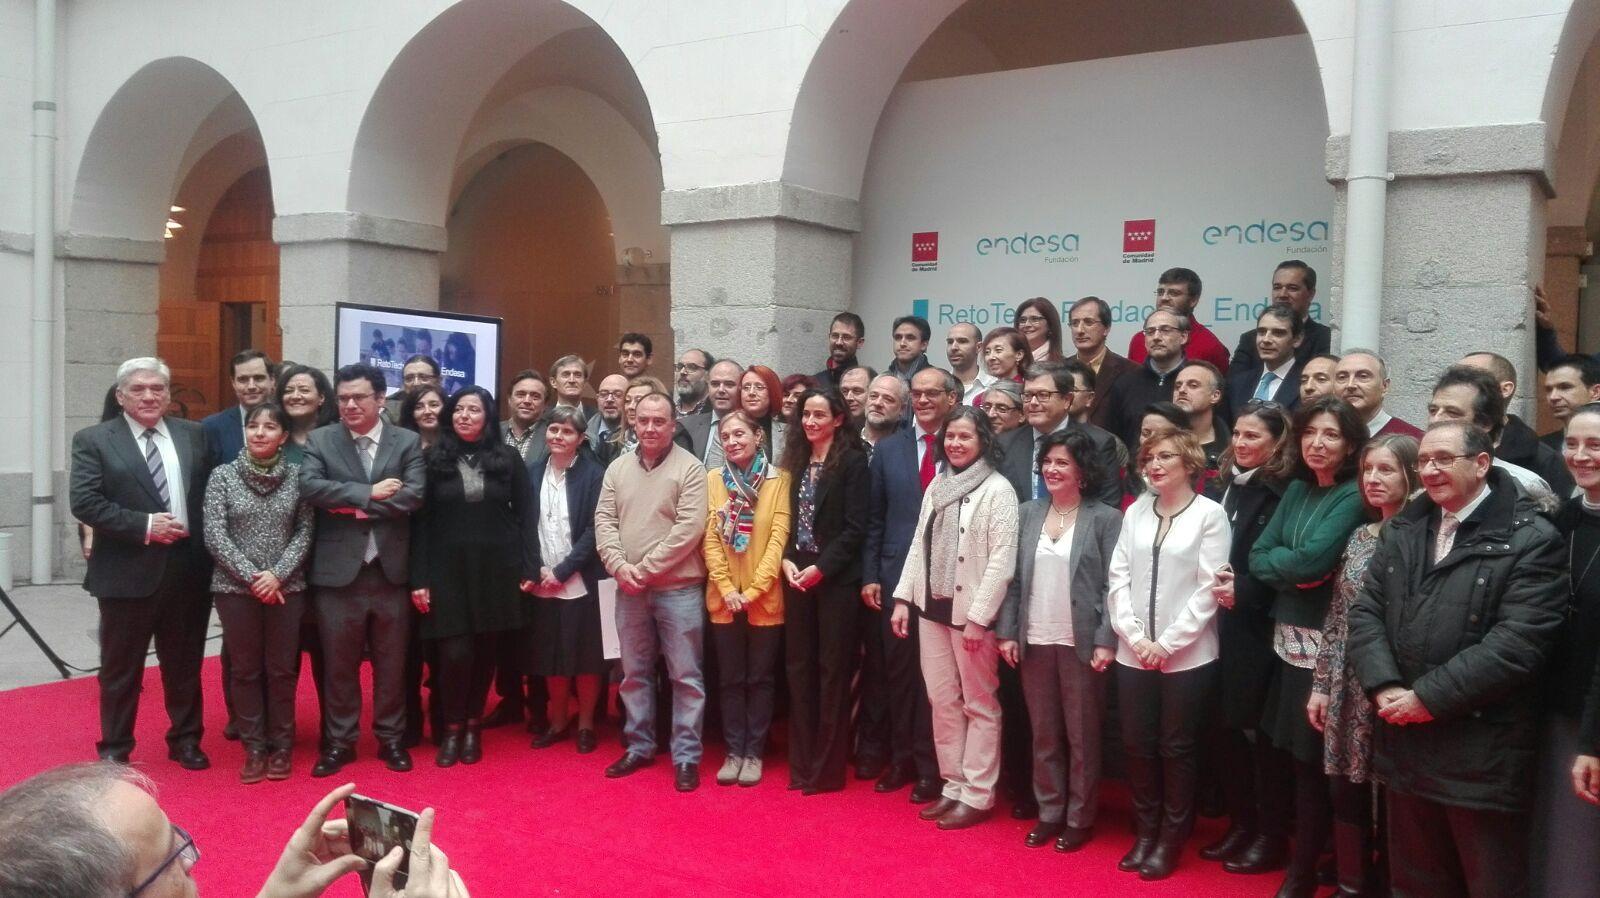 Seleccionados para el Retotech_Fundación_Endesa